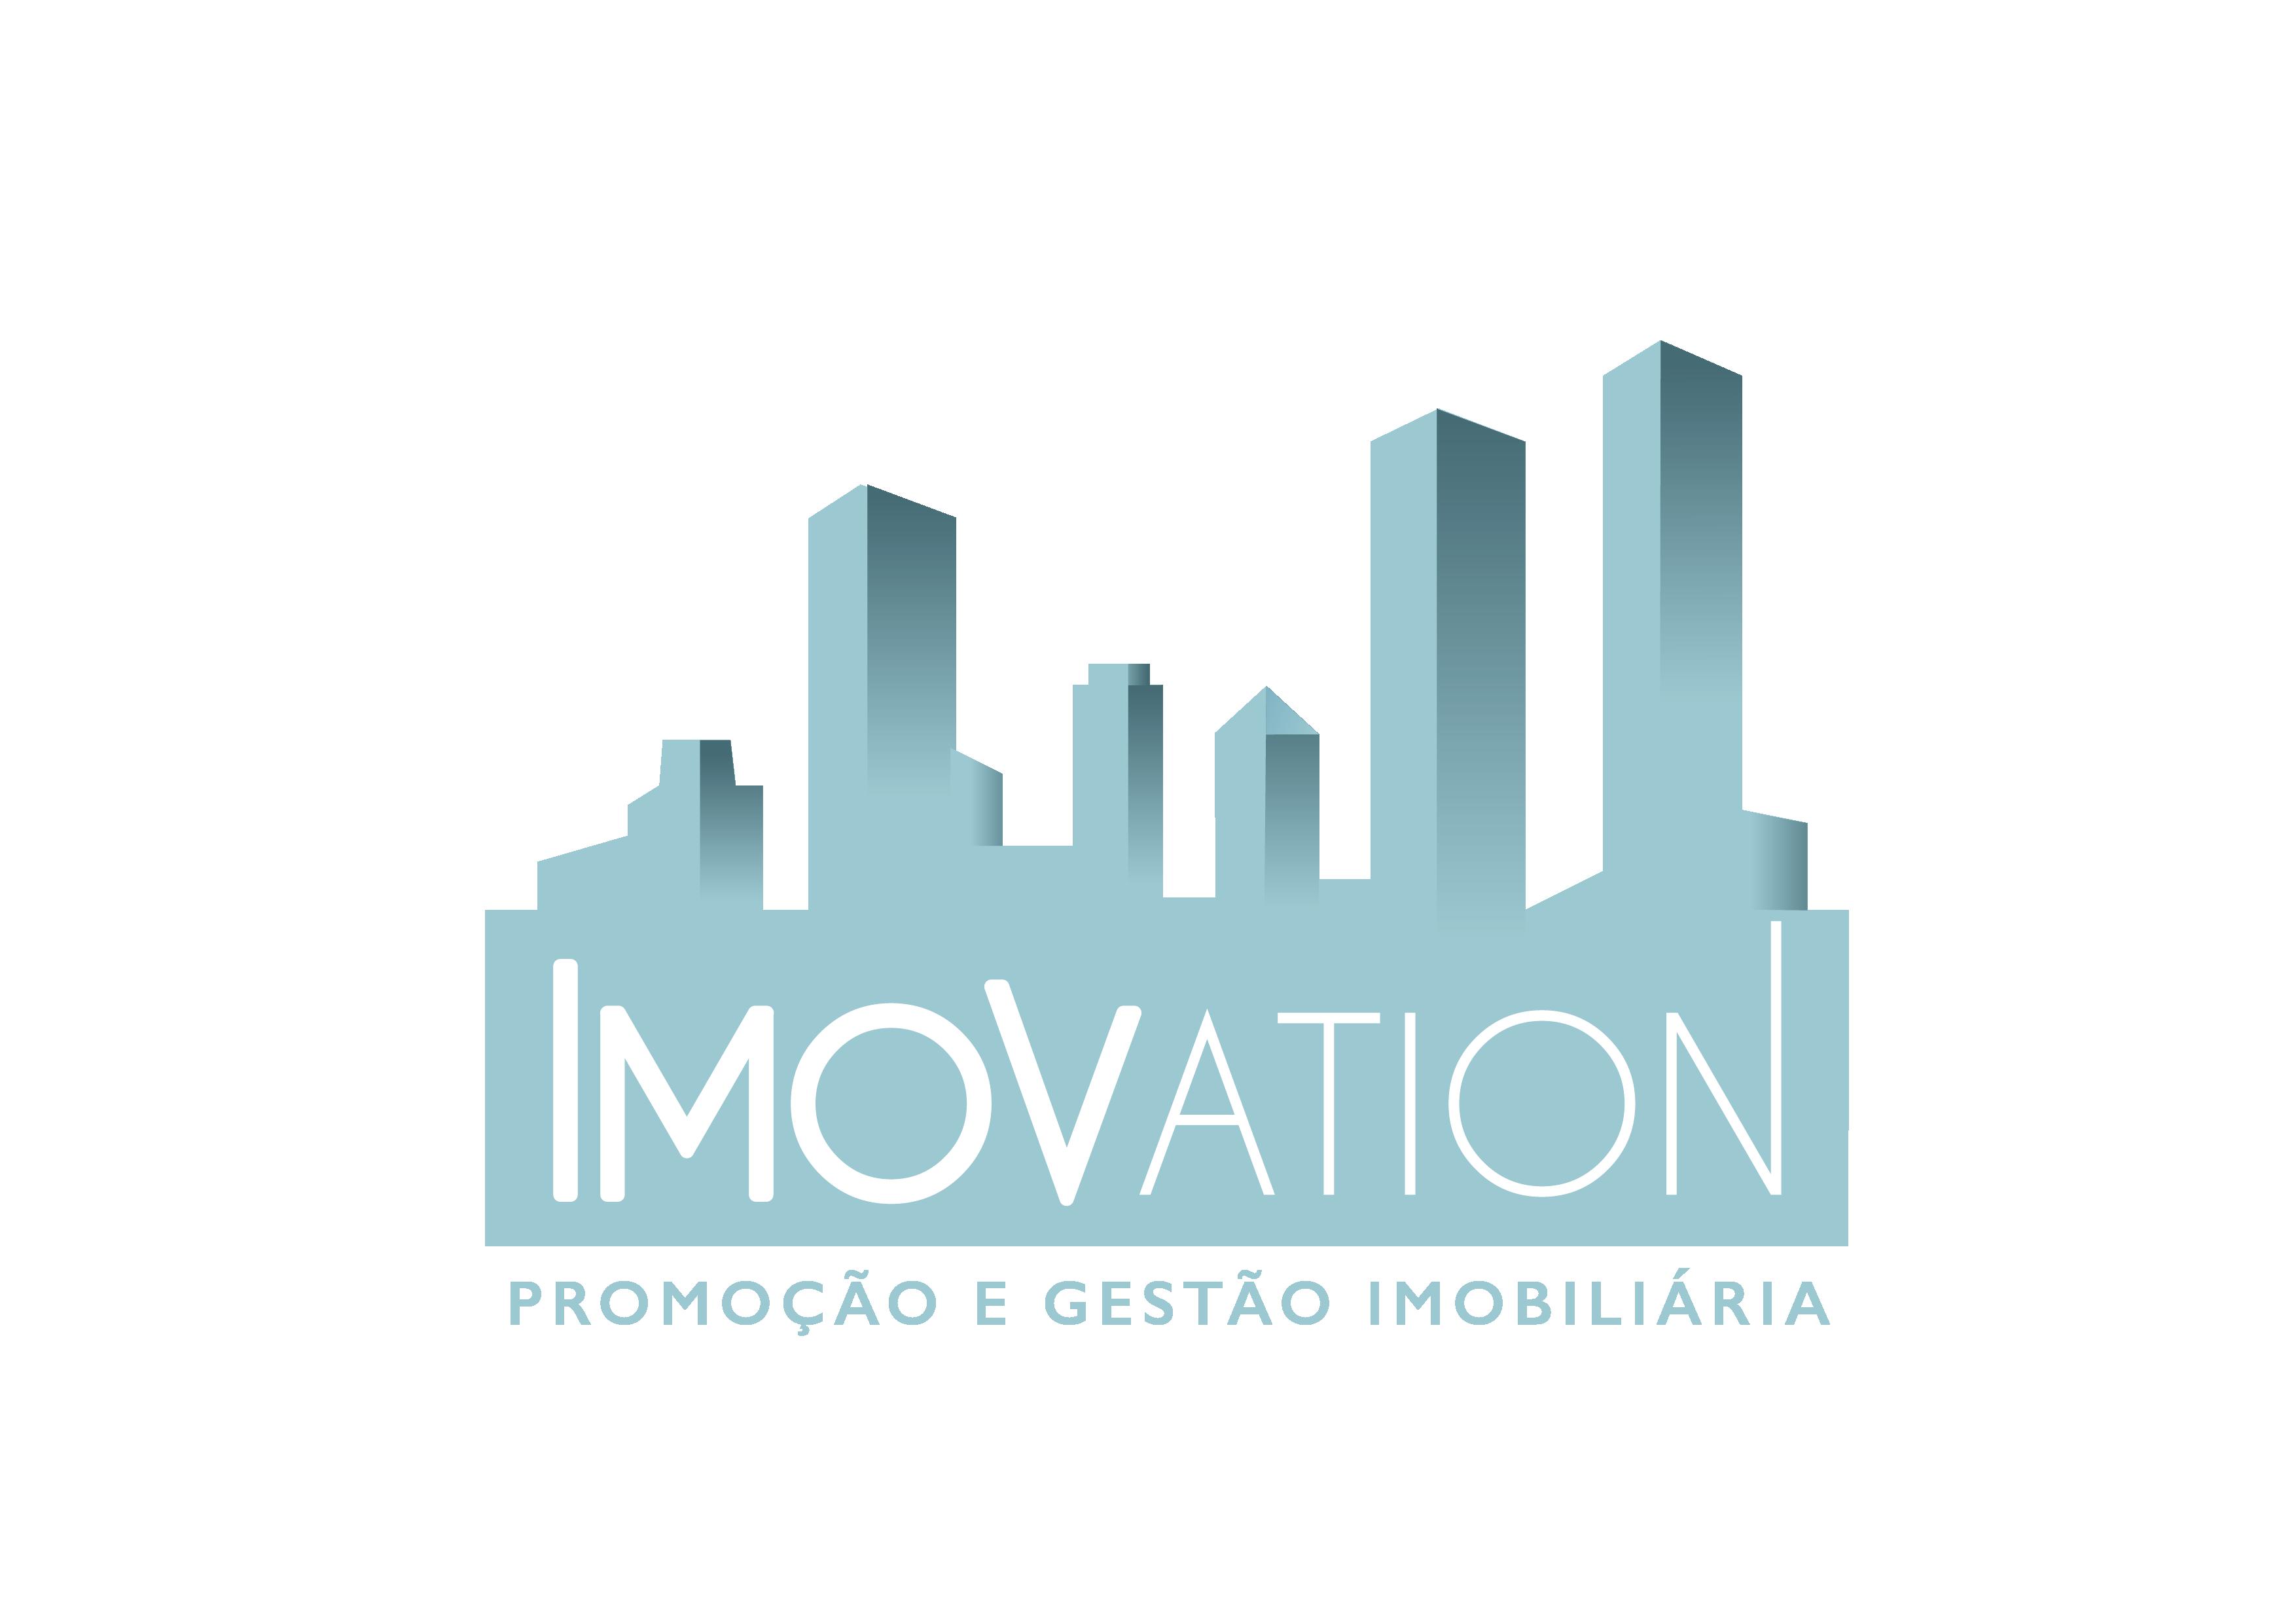 Imovation